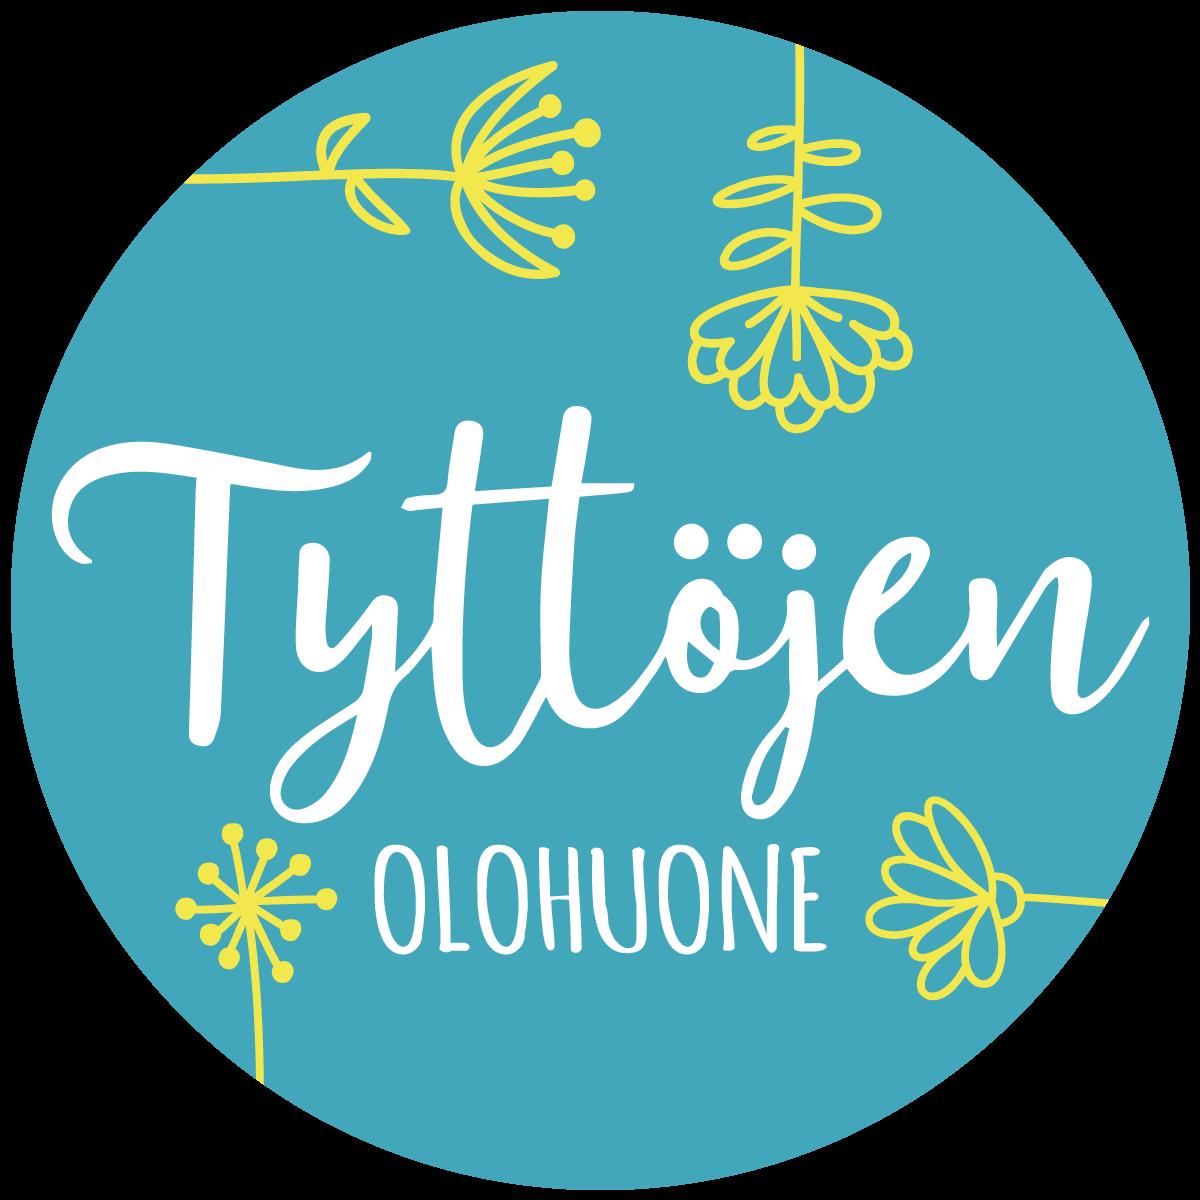 Tyttöjen olohuone/Helsingin NNKY-logo